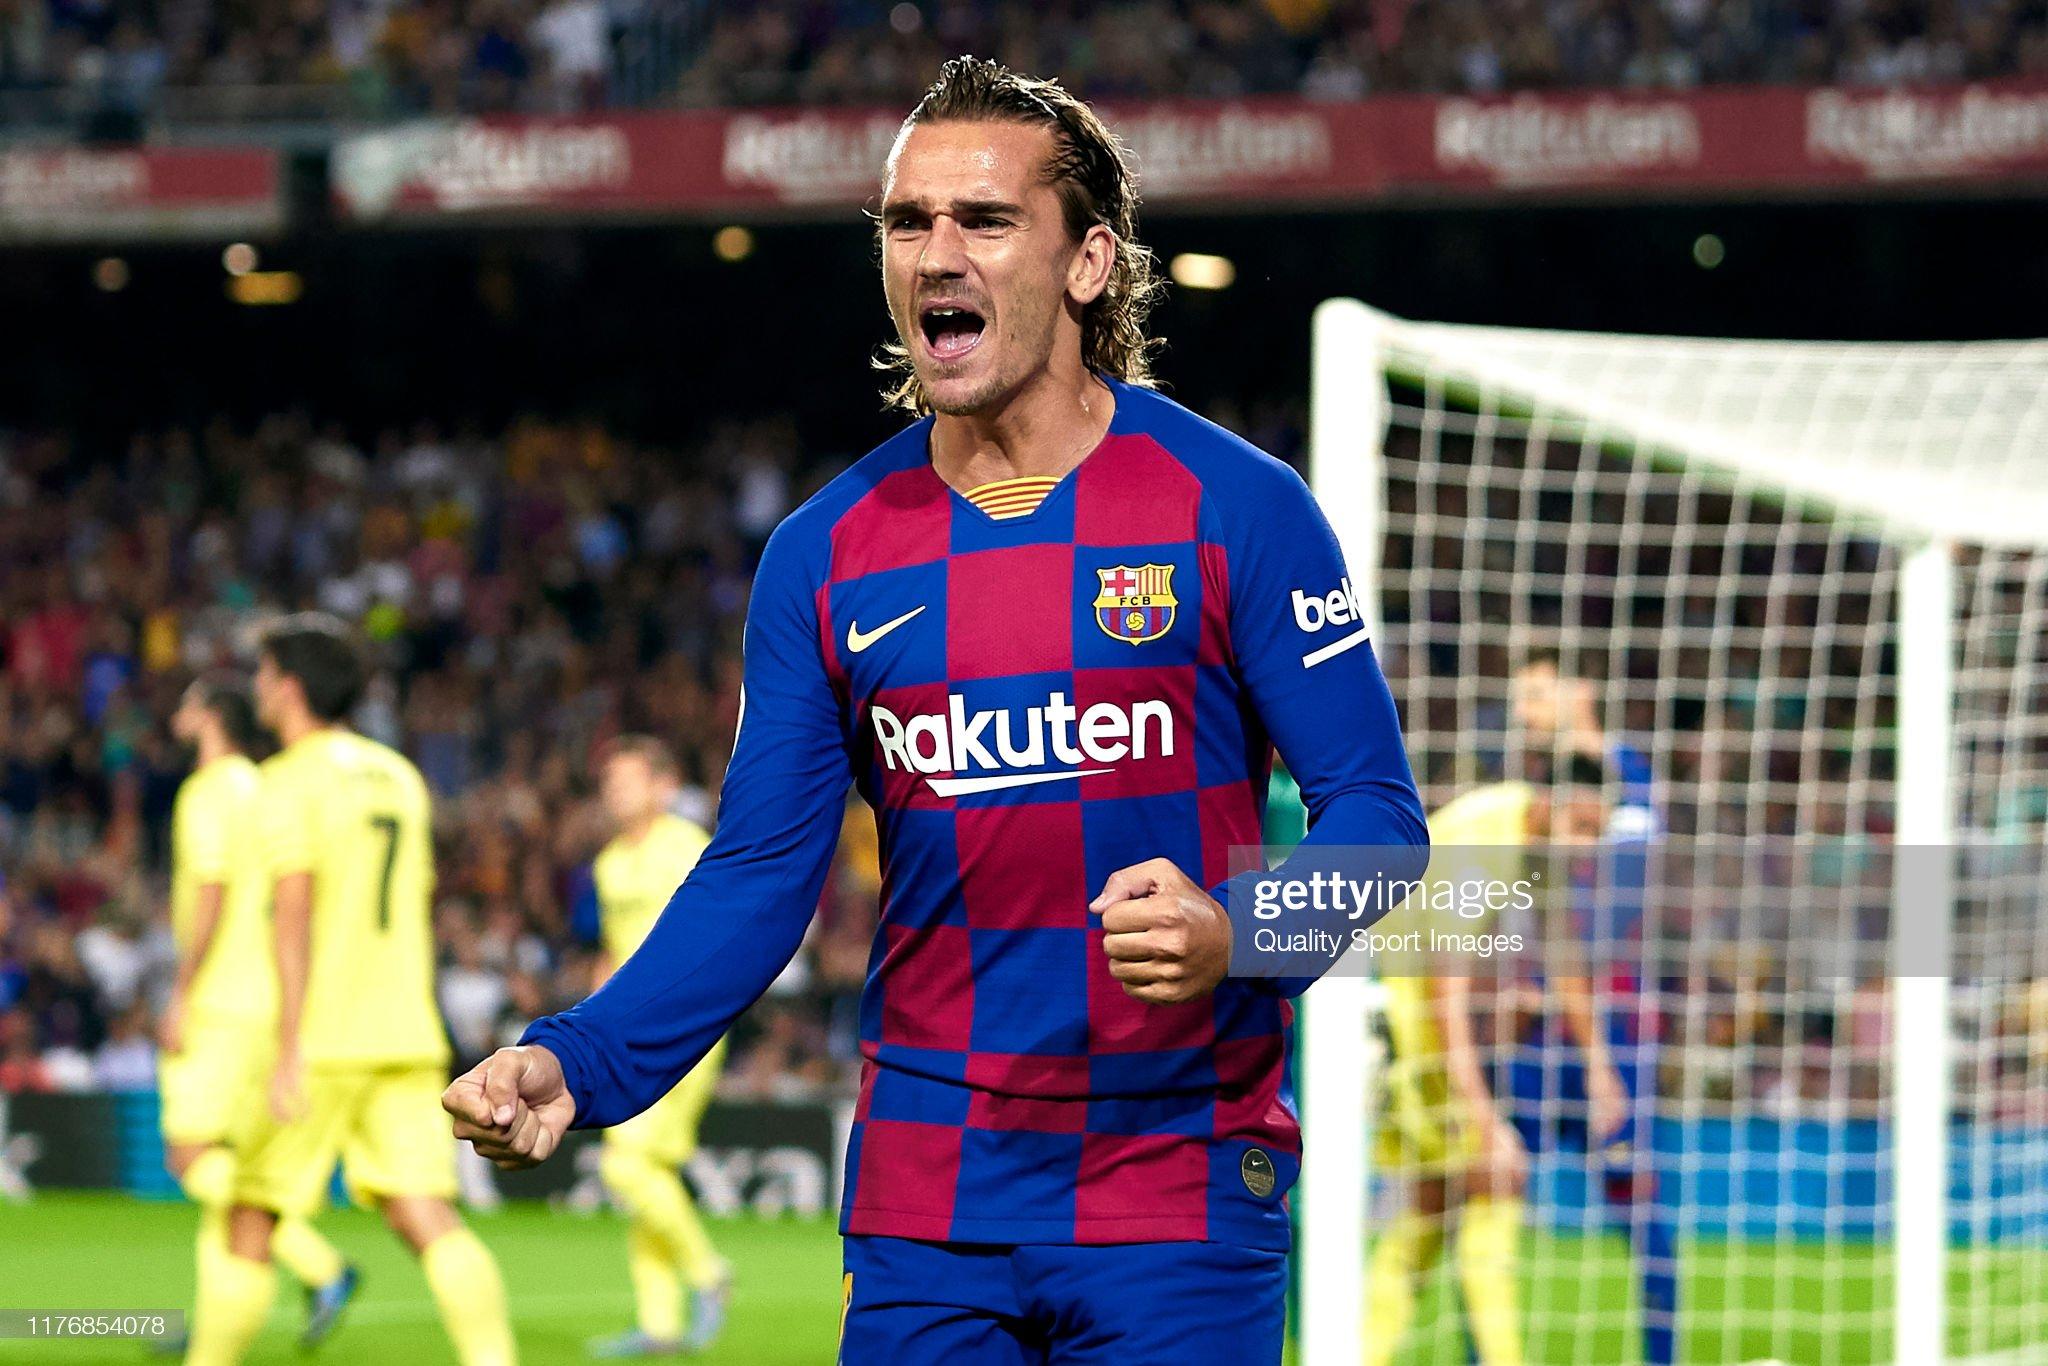 صور مباراة : برشلونة - فياريال 2-1 ( 24-09-2019 )  Antoine-griezmann-of-fc-barcelona-celebrates-their-teams-first-goal-picture-id1176854078?s=2048x2048